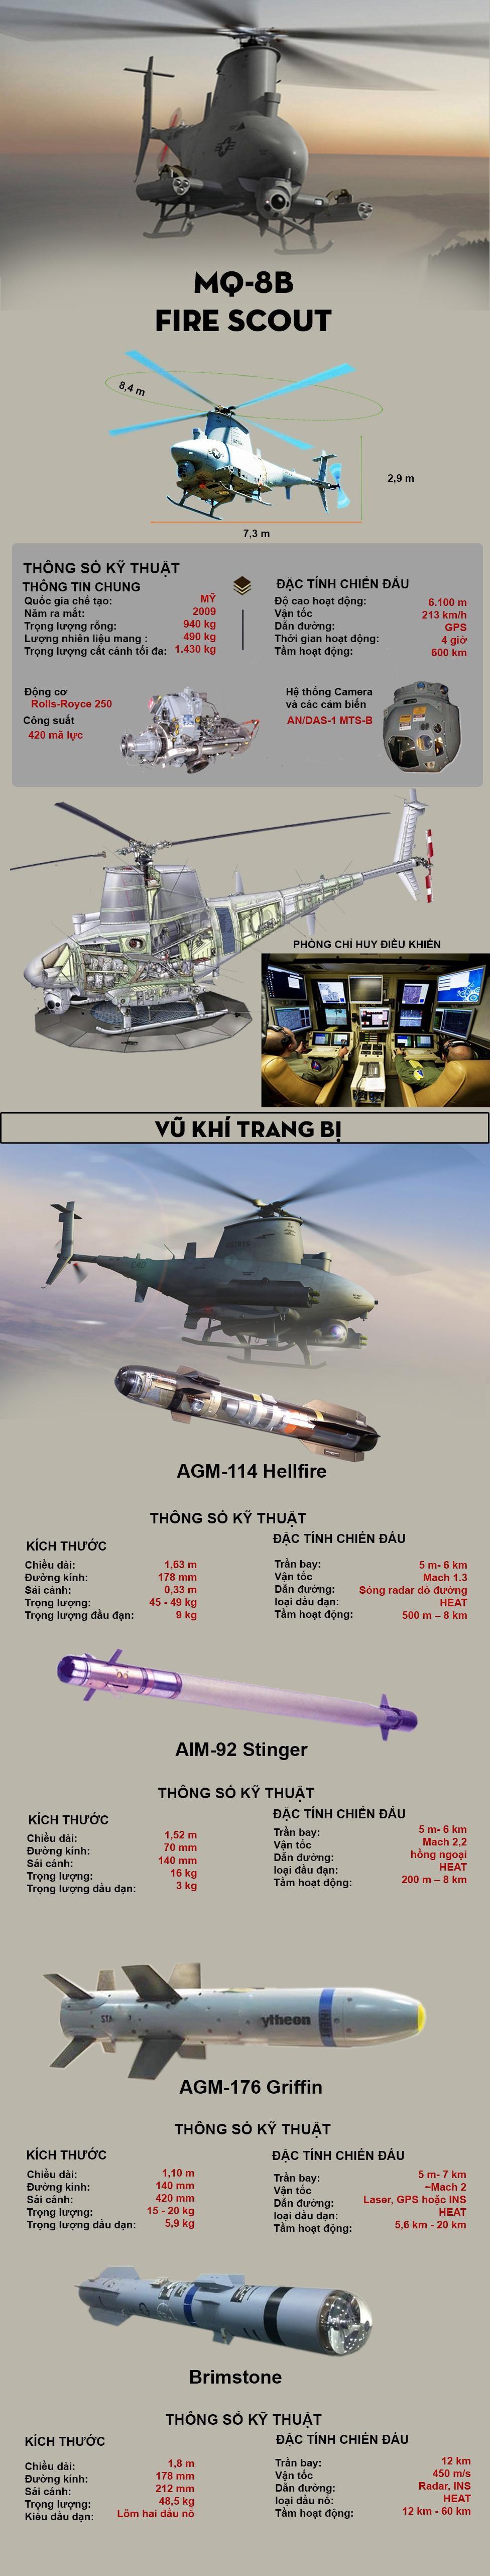 """[Info] """"Chim lửa"""" MQ-8B Hải quân Mỹ phối hợp với khu trục hạm tàng hình ảnh 2"""